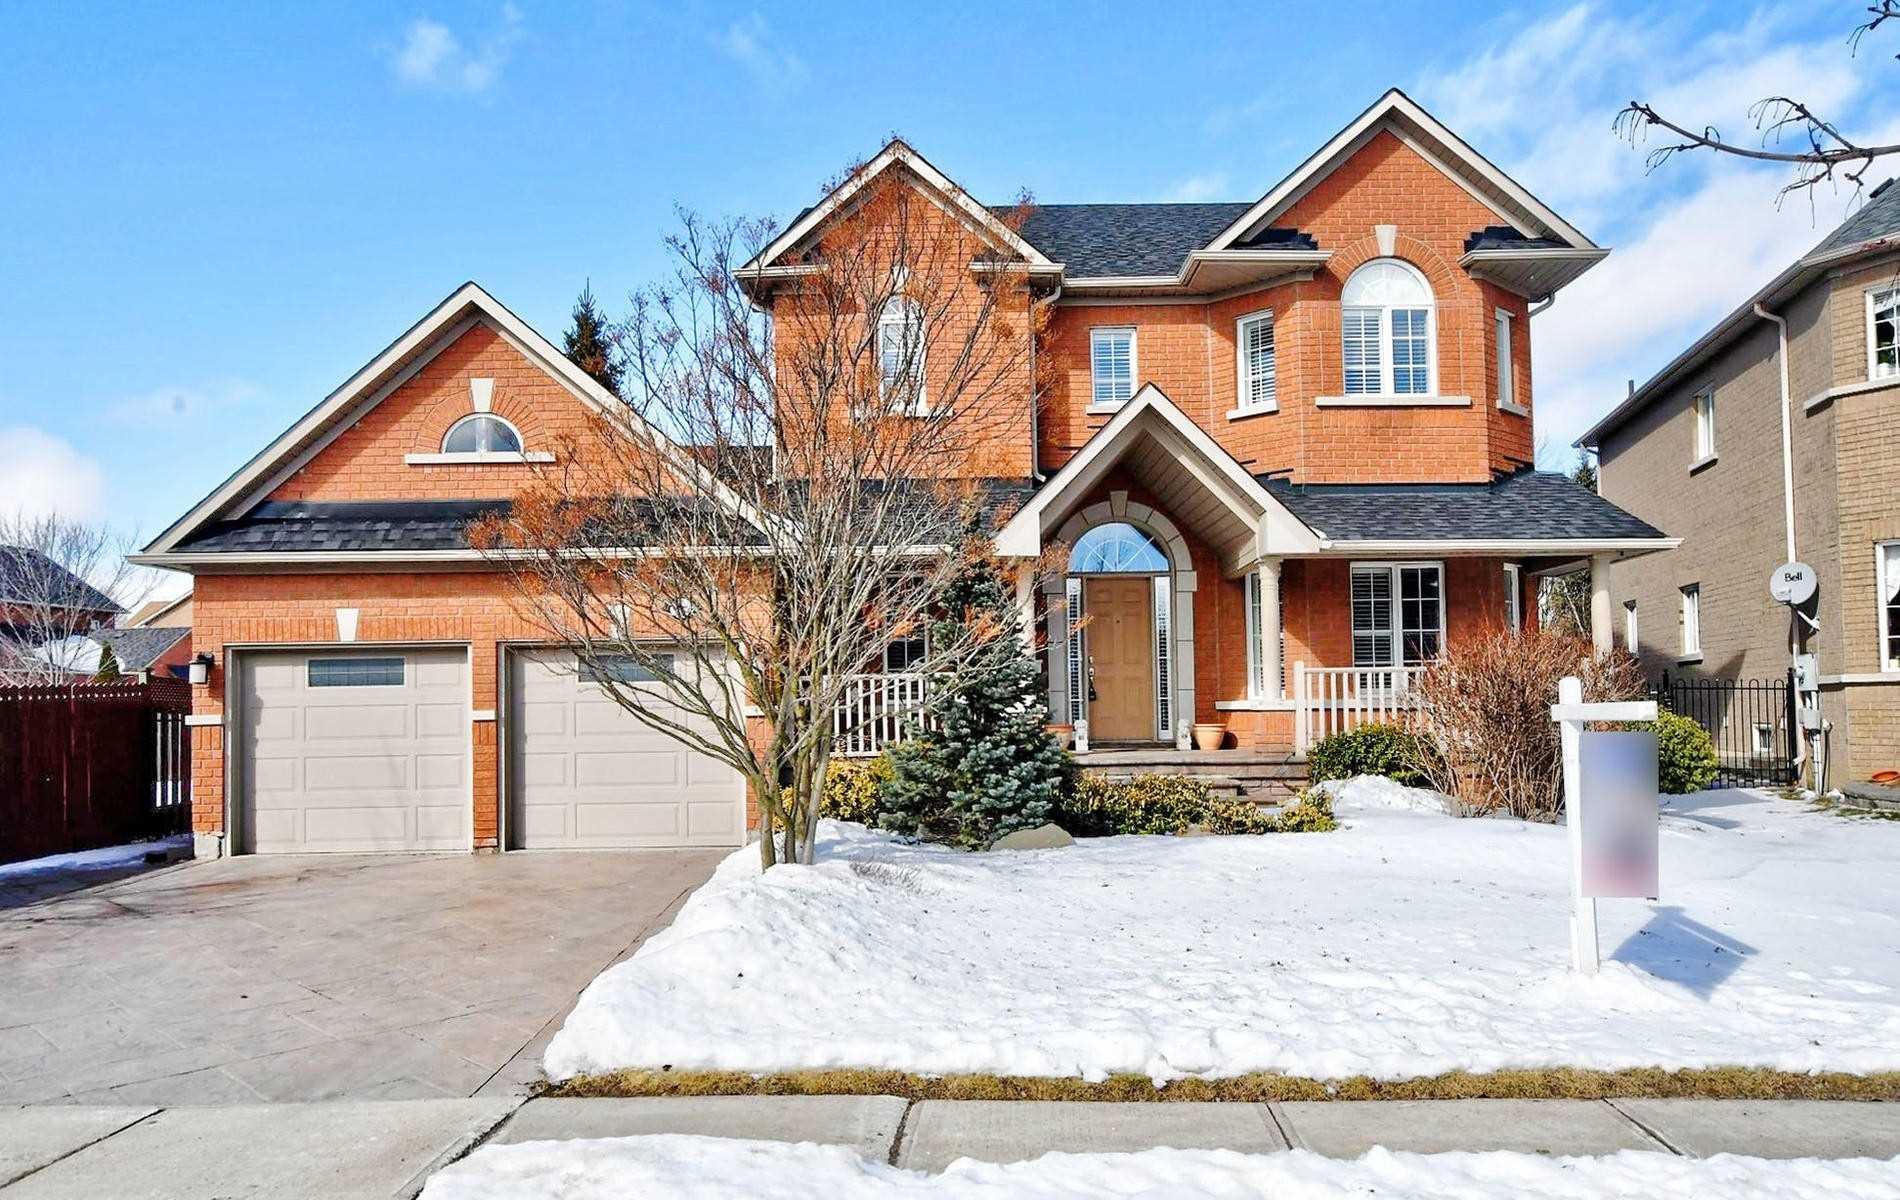 1059 Ivsbridge Blvd, Newmarket Ontario, Canada